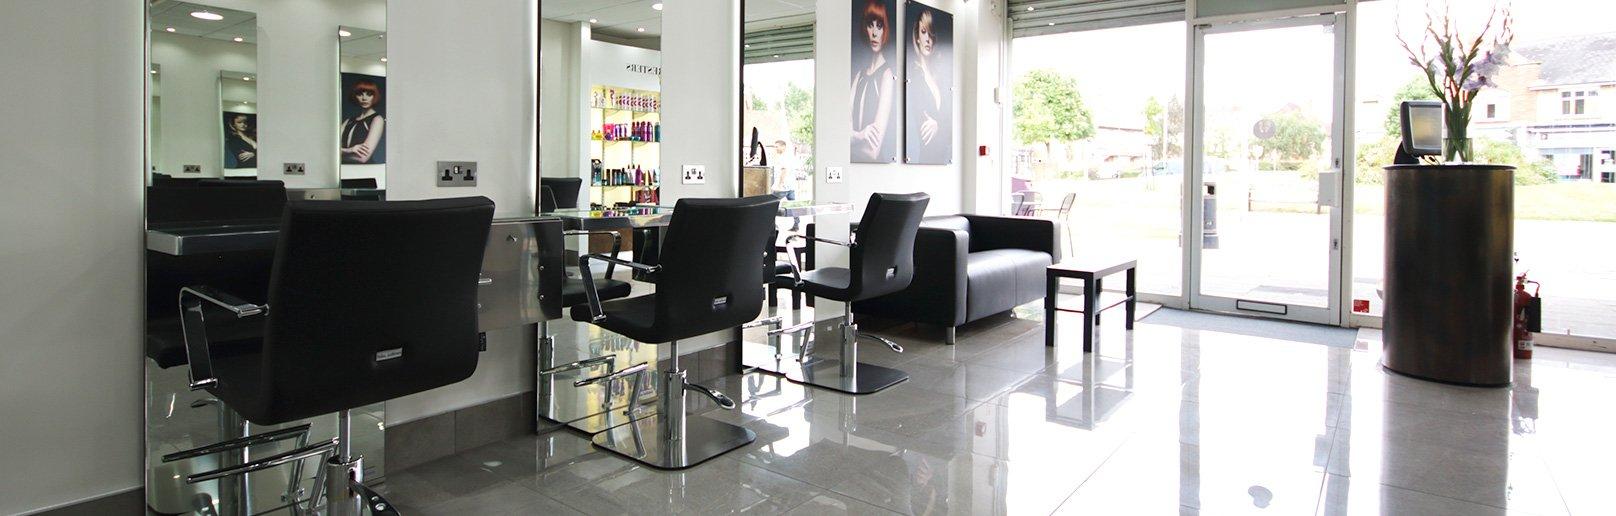 Forresters Tilehurst hair salon interior 6